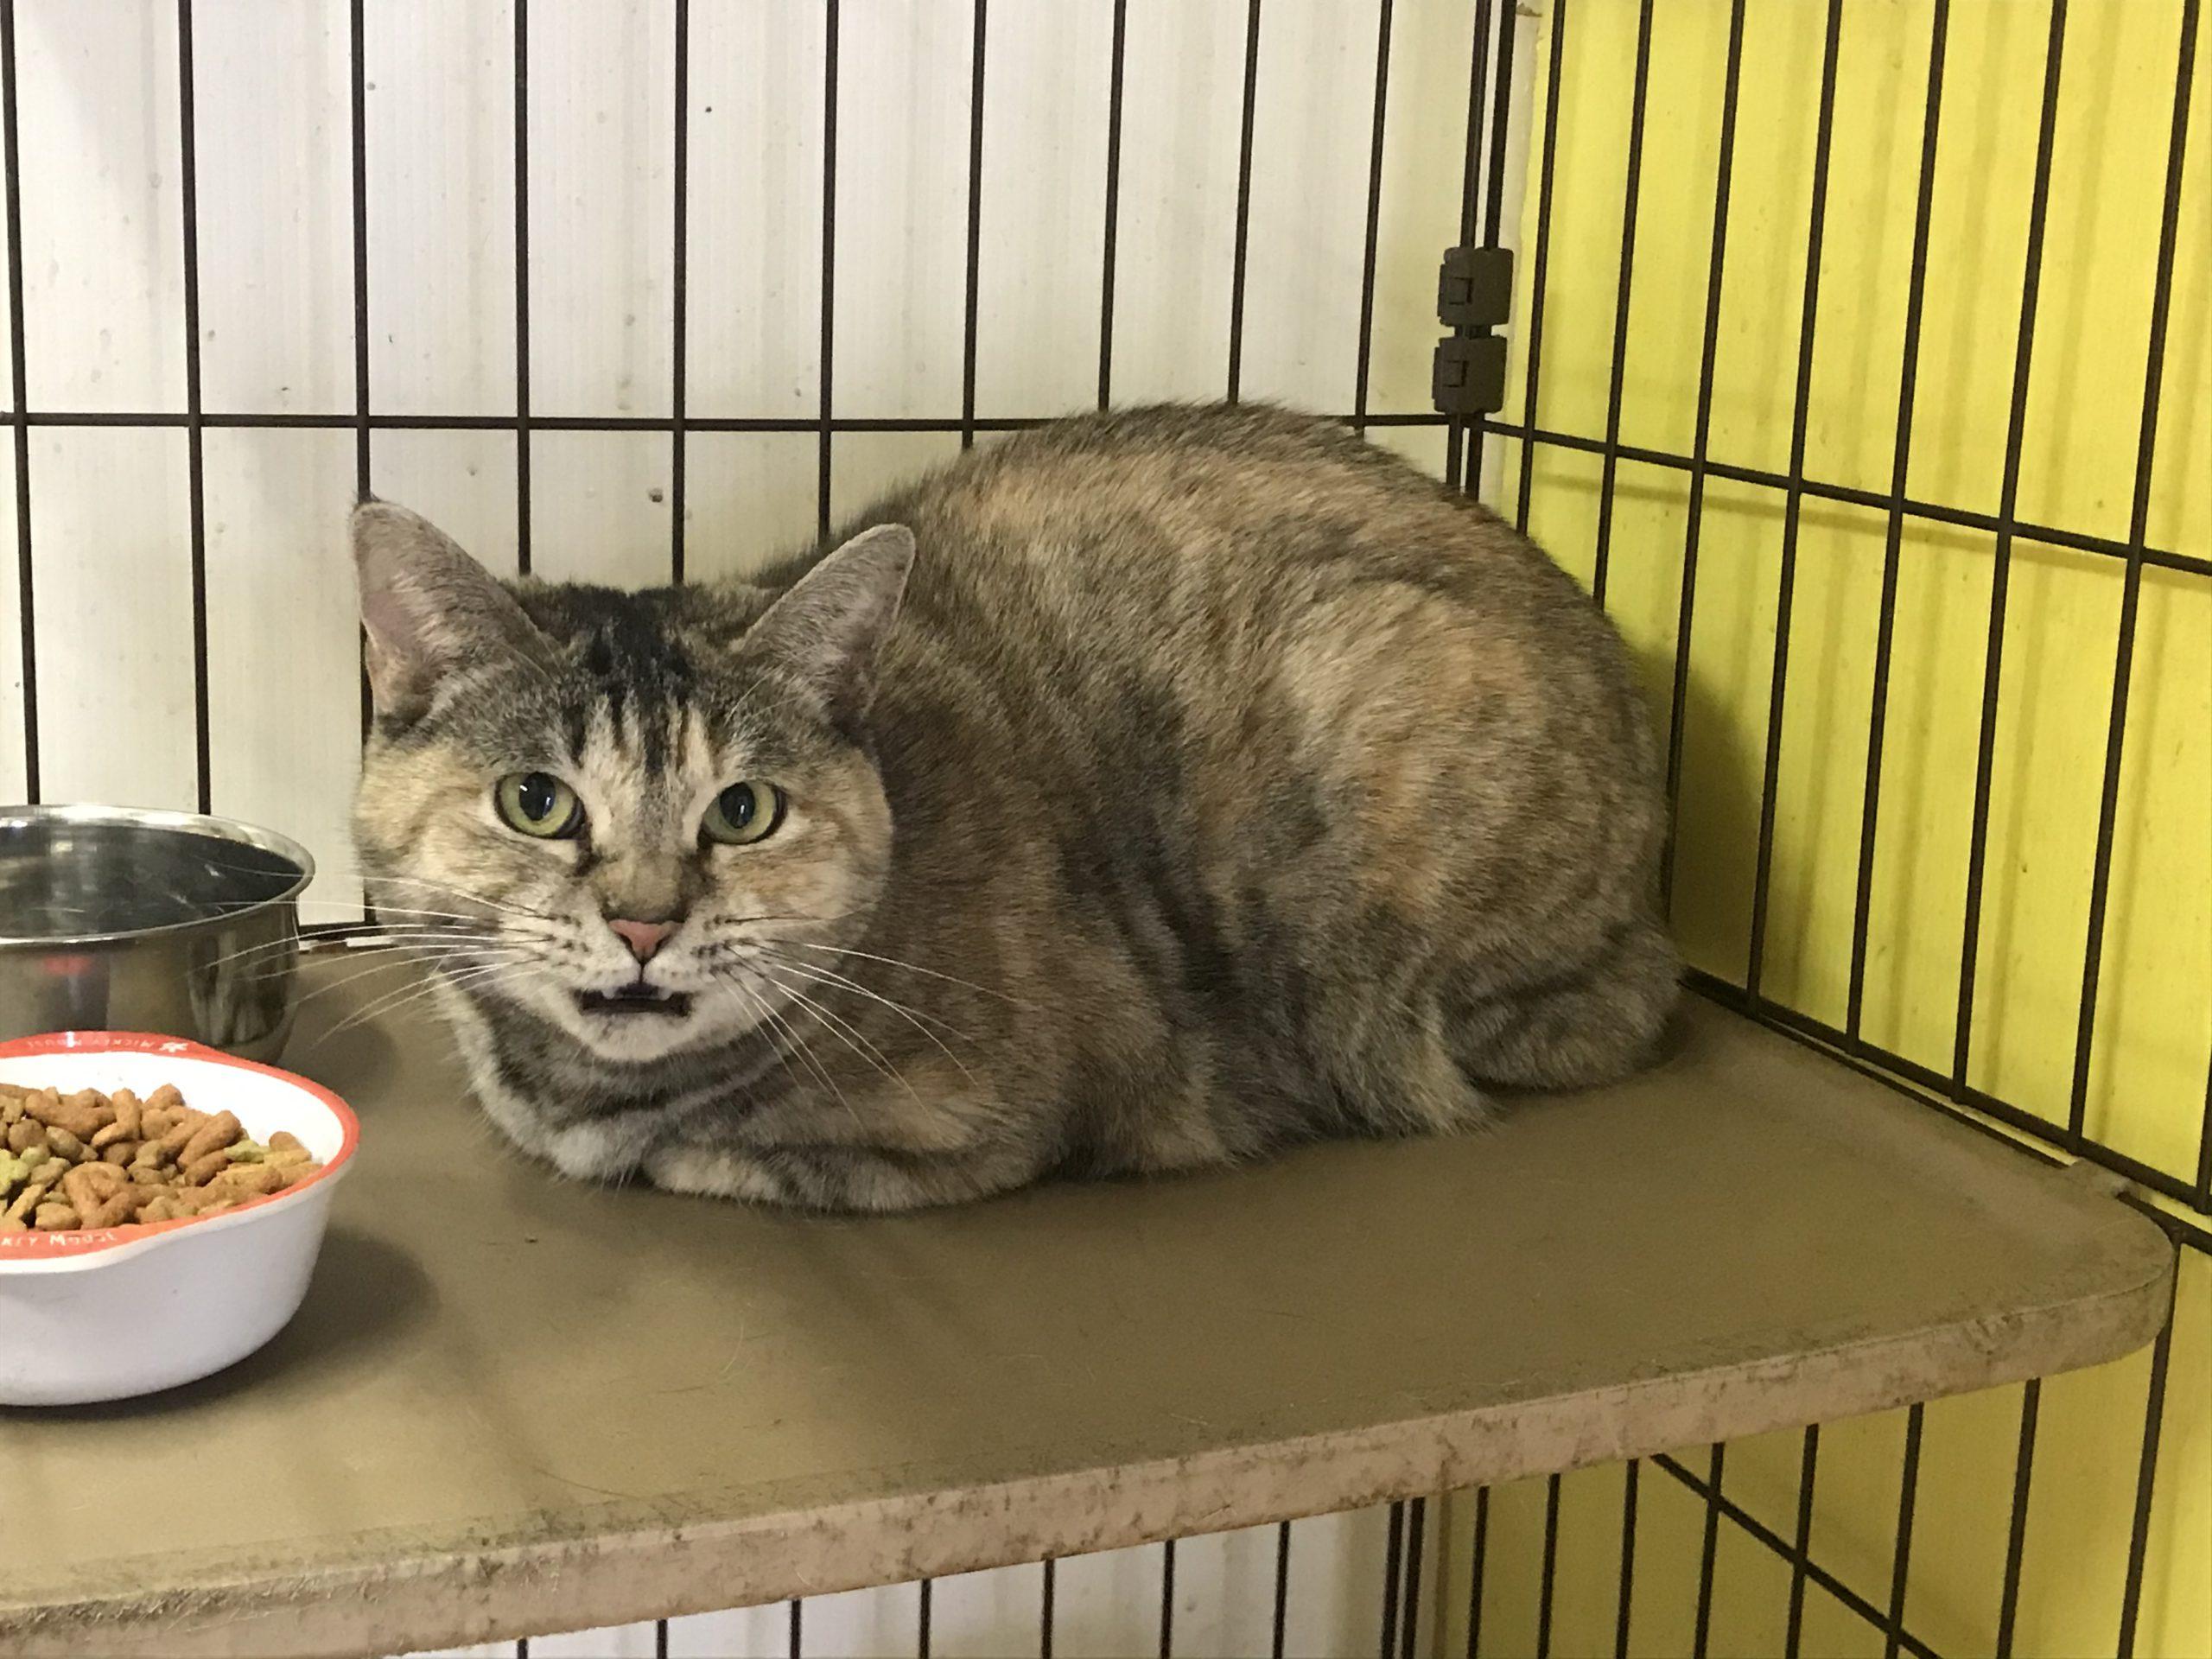 <p></p> <ul> <li>猫種:日本猫 サビ</li> <li>性別:女の子</li> <li>名前:はまち</li> <li>年齢:2013年3月</li> <li>保護経緯:家族の方がアレルギーで、引越しする飼育困難になりました</li> </ul>